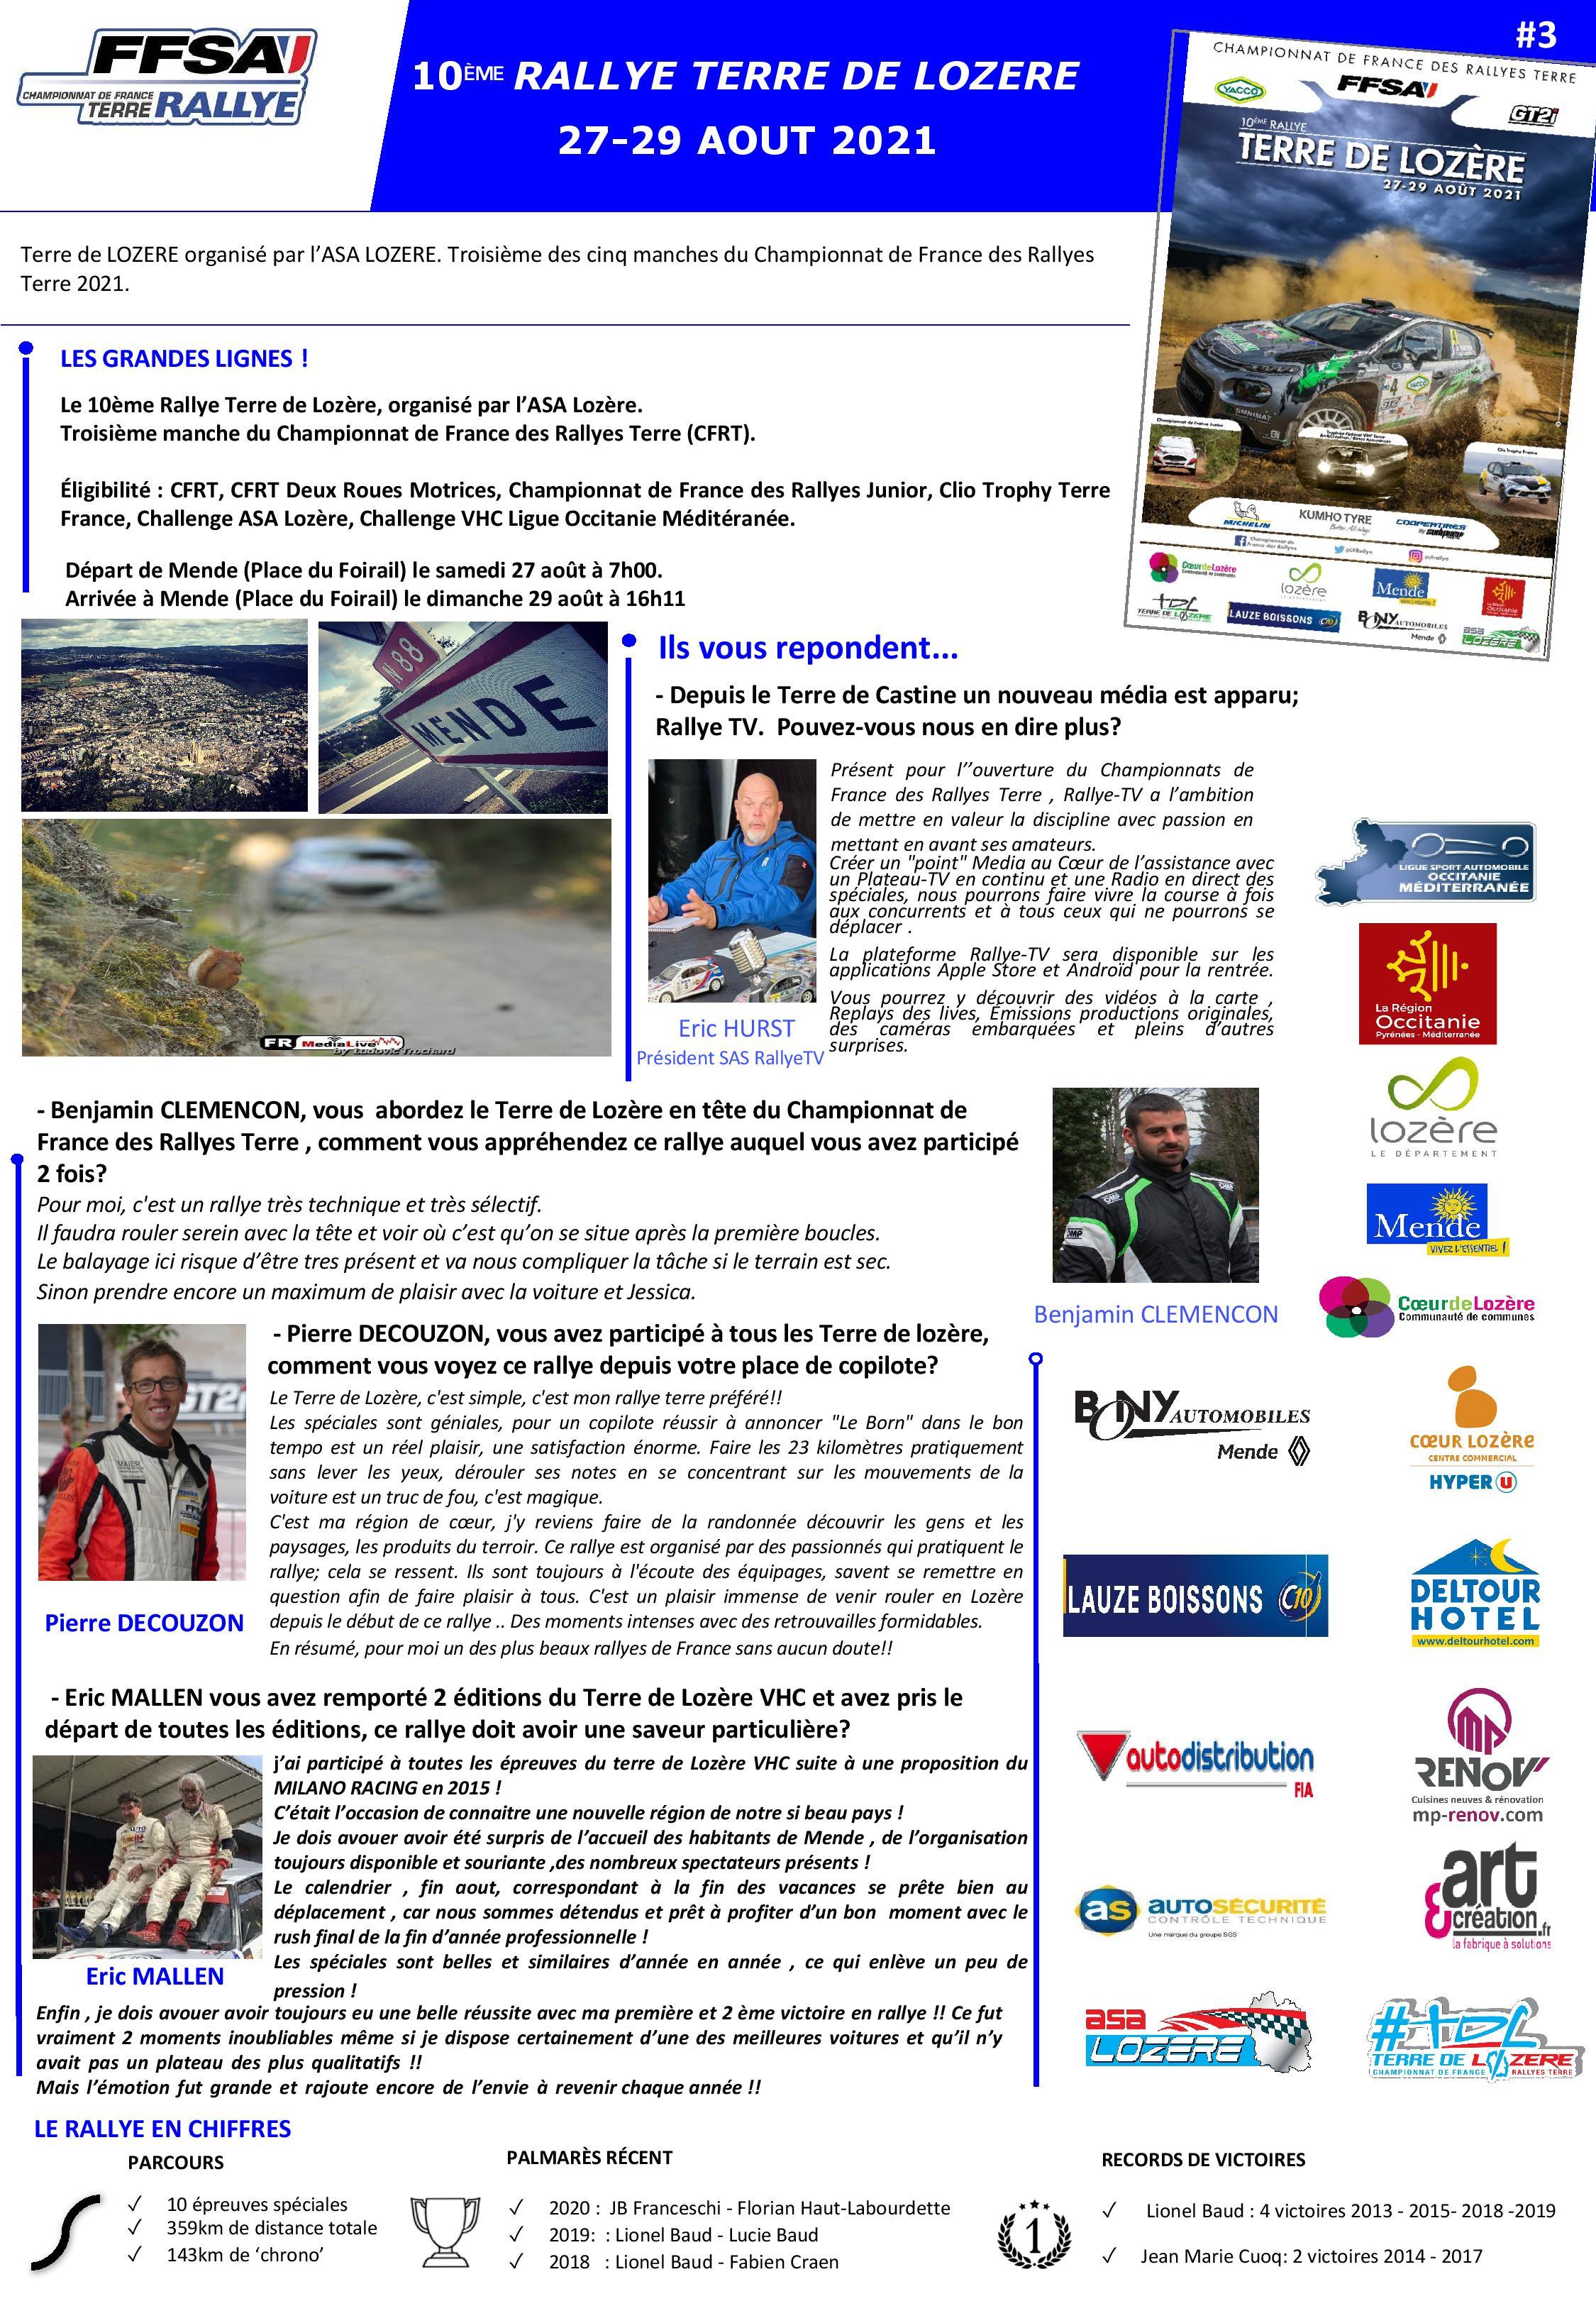 Lettre_tdl2021-3-page-001.jpg